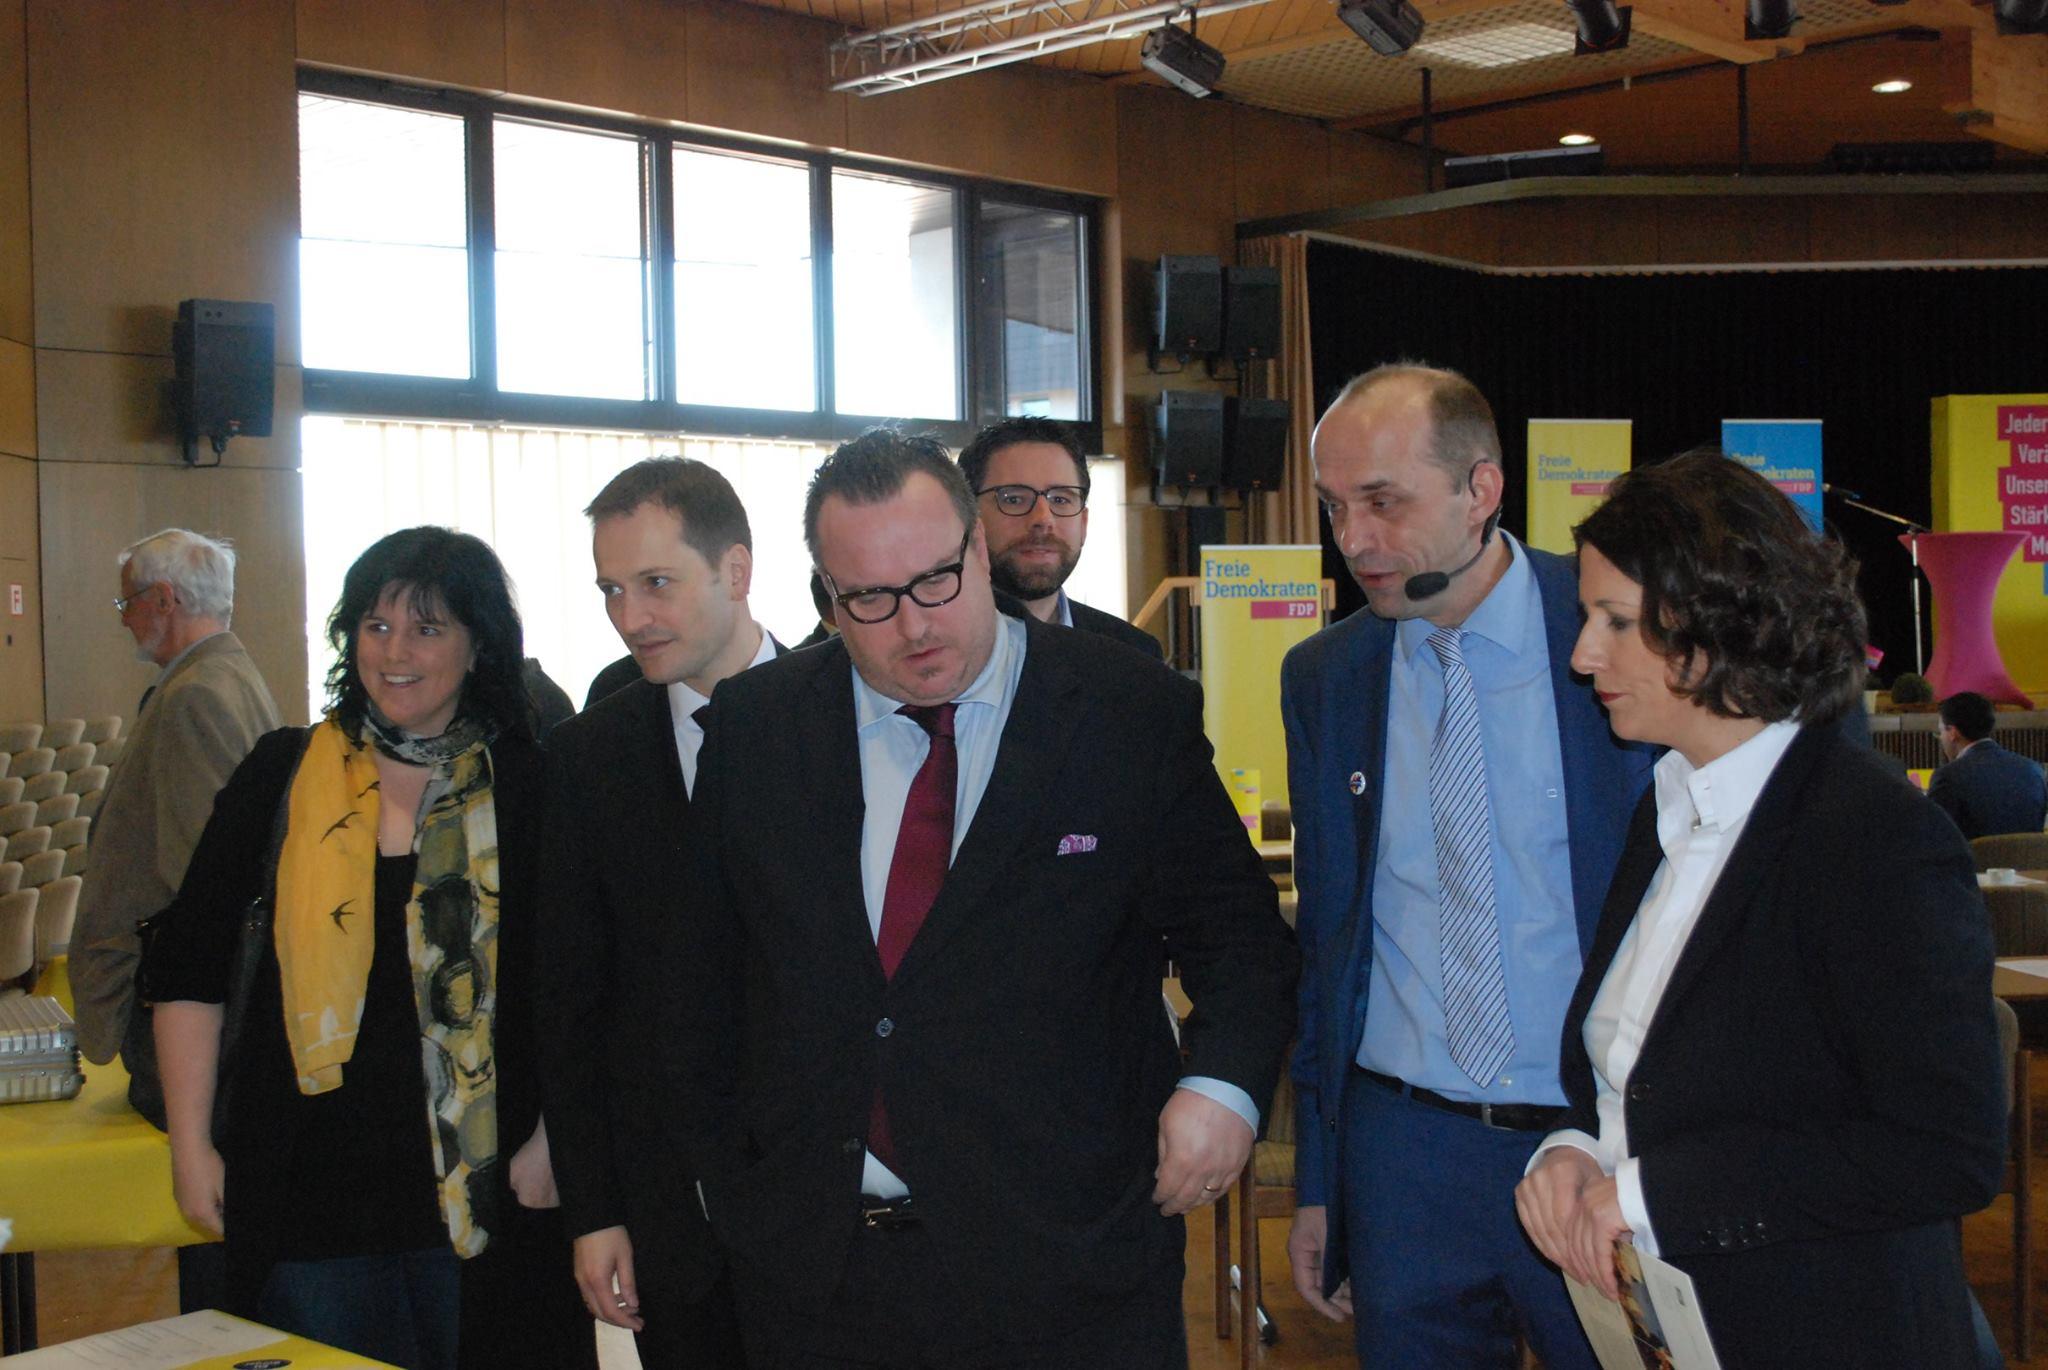 Andy Becht (Staatssekretär) und Alexander Buda (Bezirksvorsitzender) im Gespräch